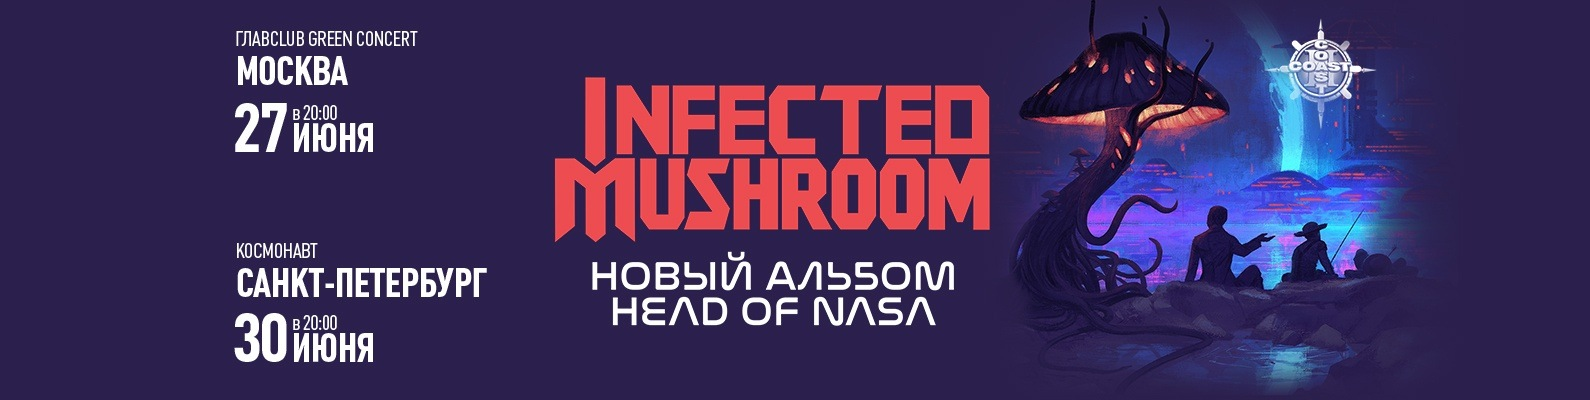 infected mushroom head of nasa flac